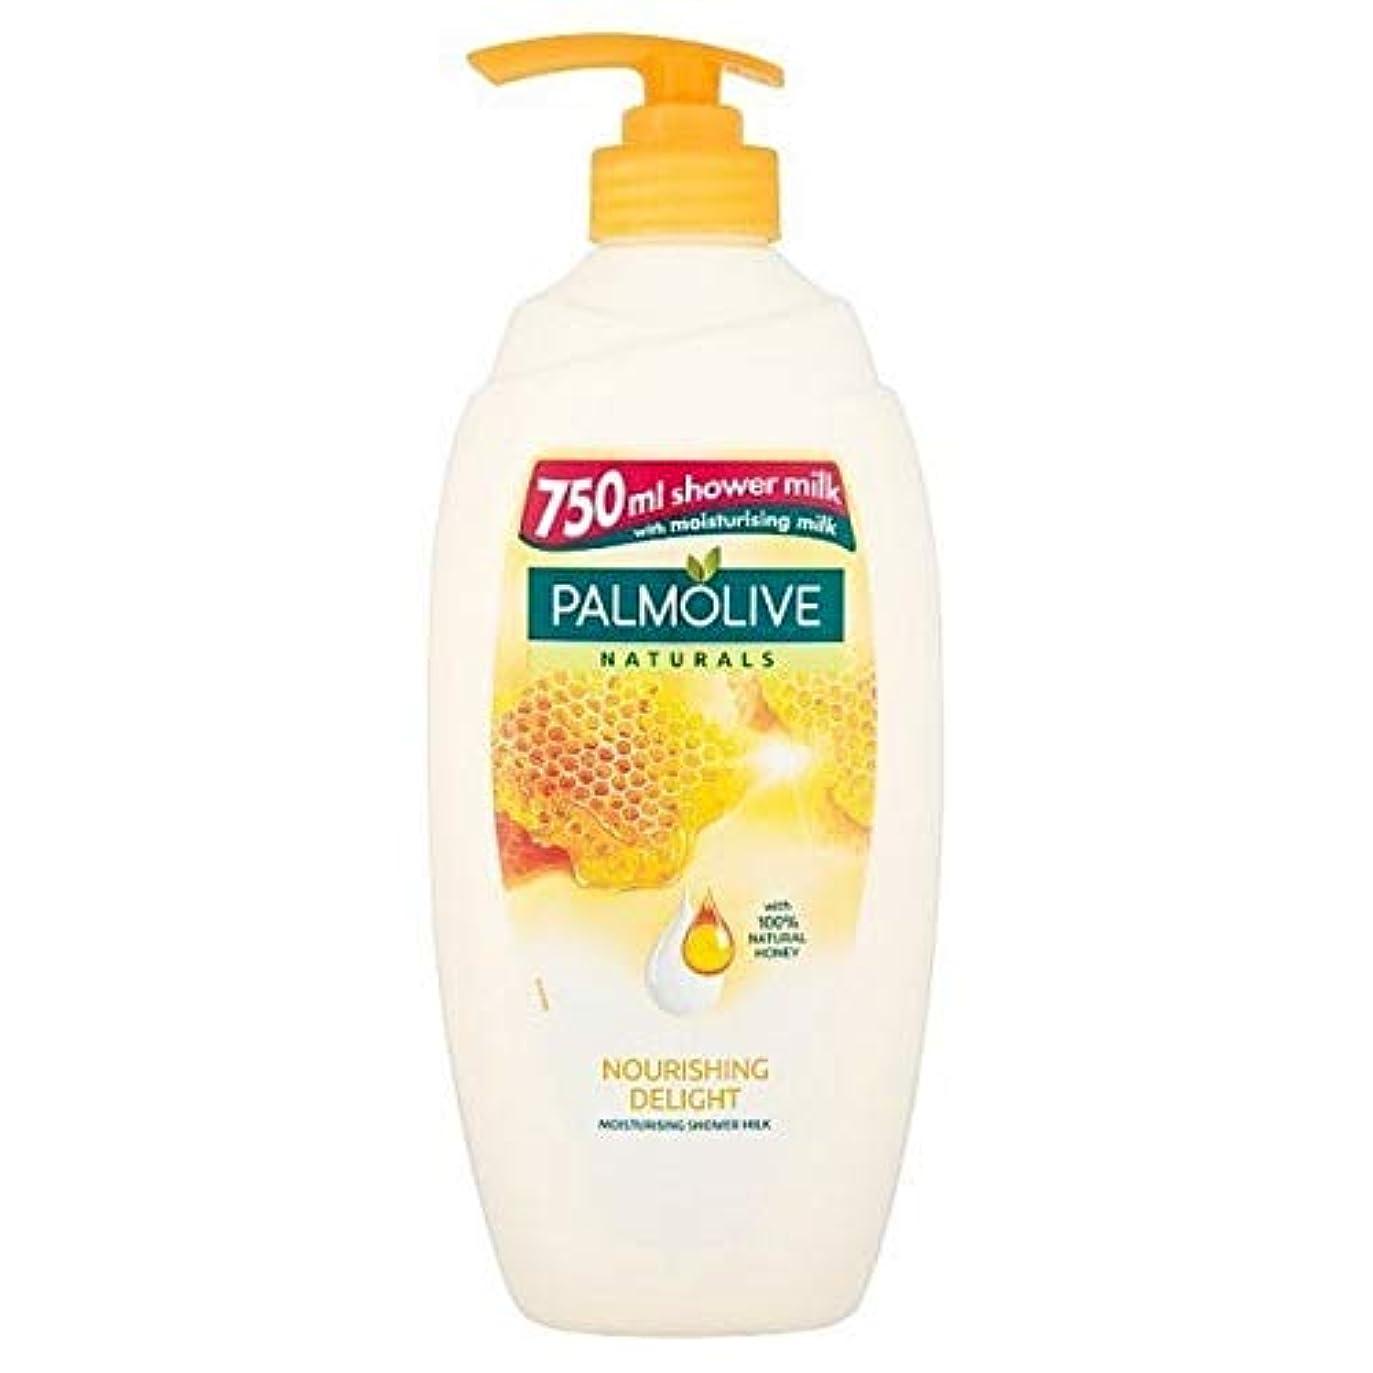 調子集団的ぴかぴか[Palmolive ] パルモライブナチュラルミルク&ハニーシャワージェルクリーム750ミリリットル - Palmolive Naturals Milk & Honey Shower Gel Cream 750ml [...